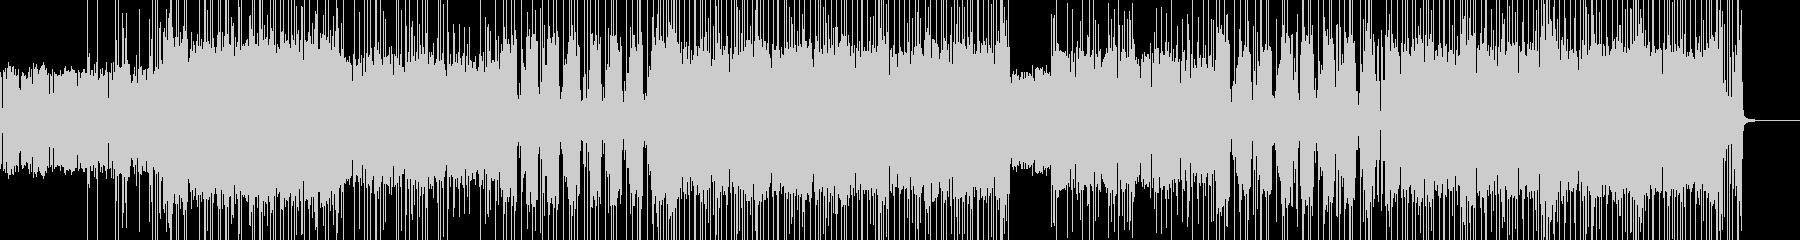 16ビートのファンク風ロックの未再生の波形